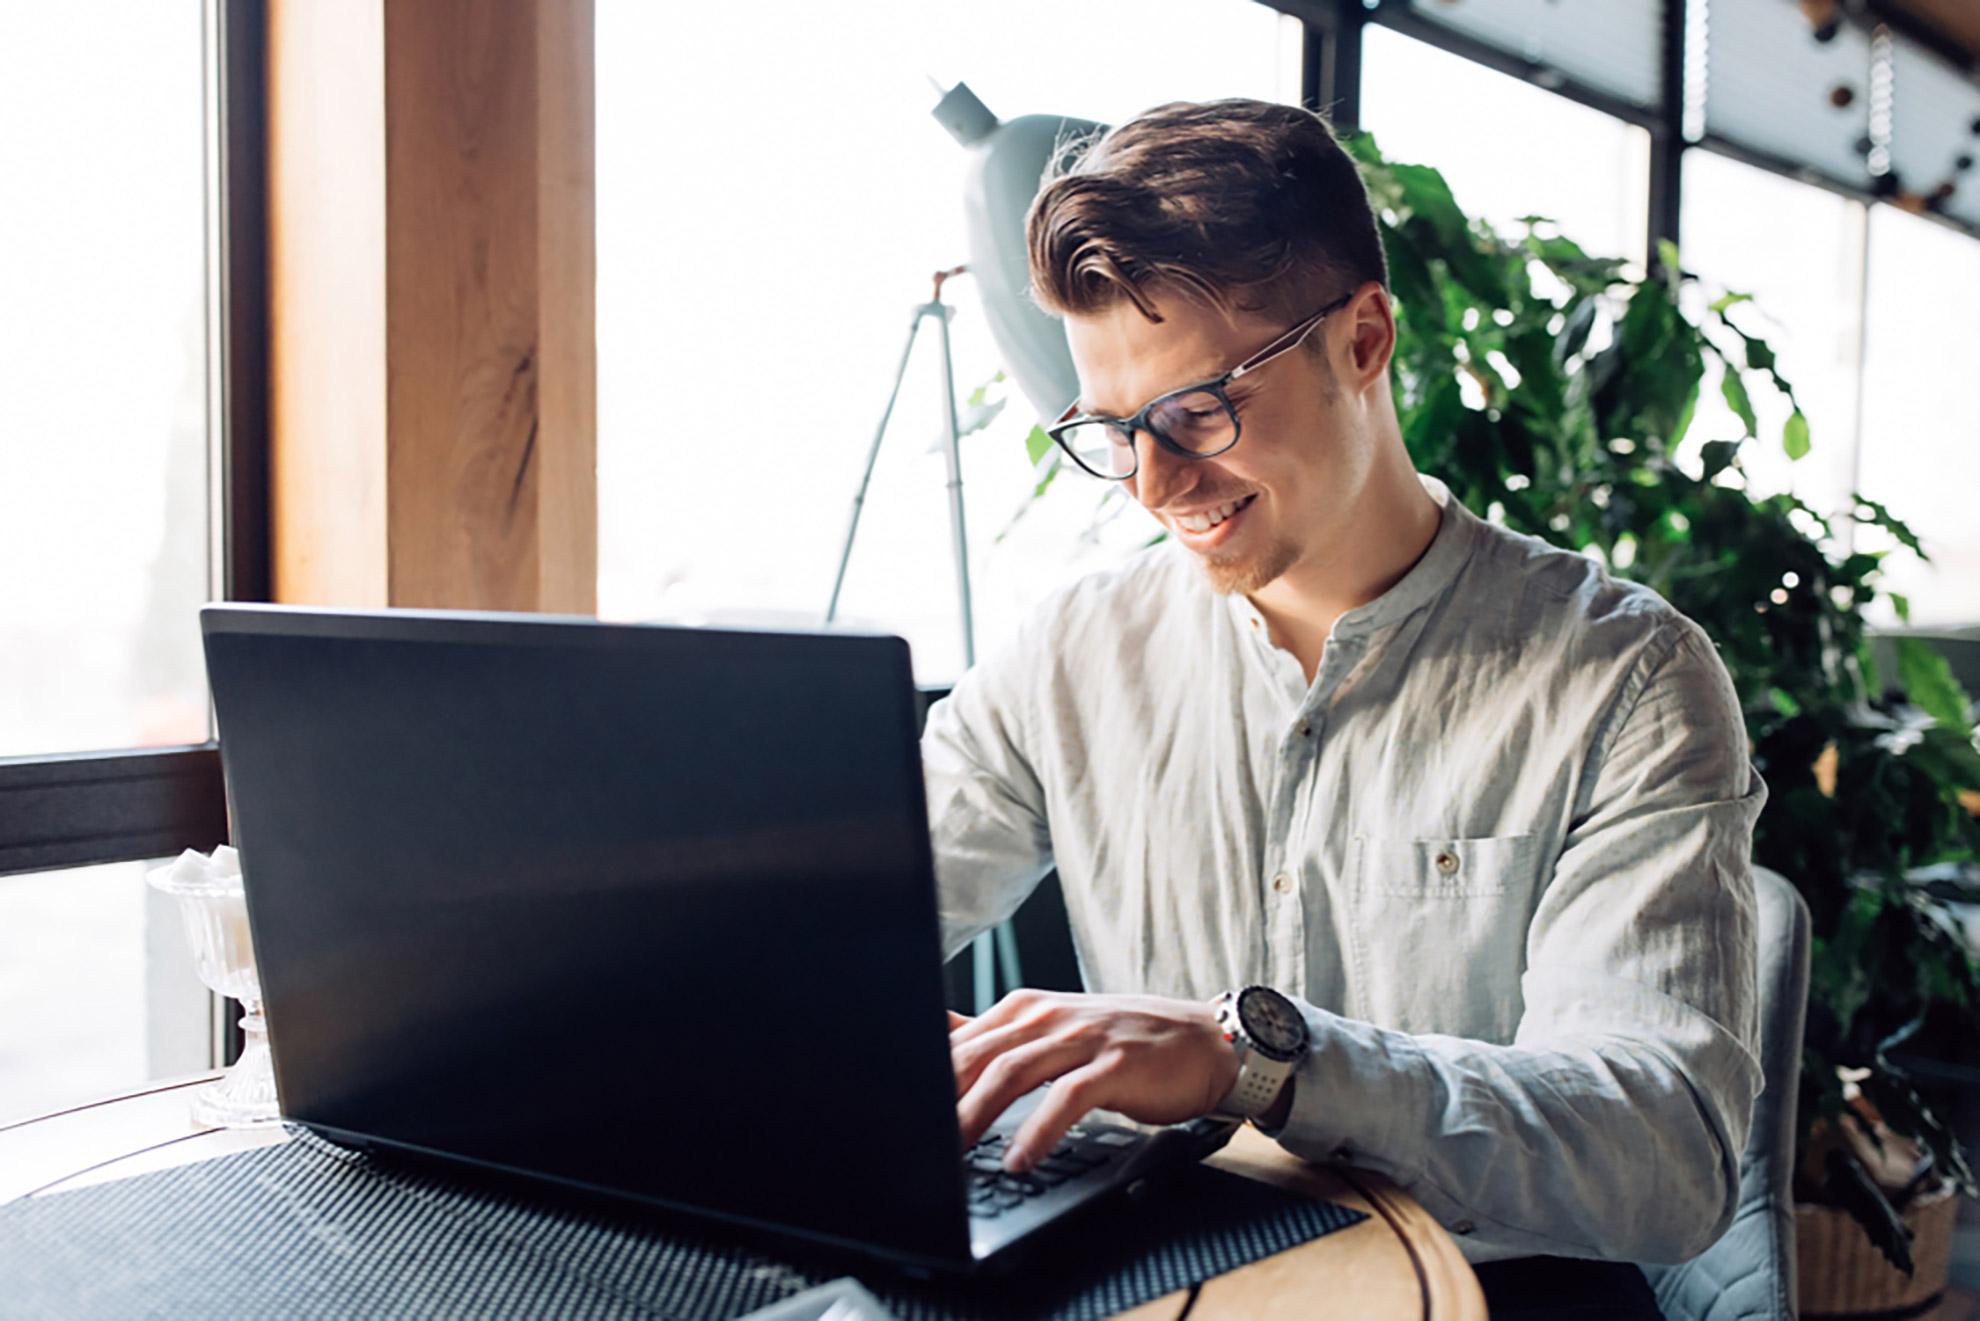 working-laptop-typing